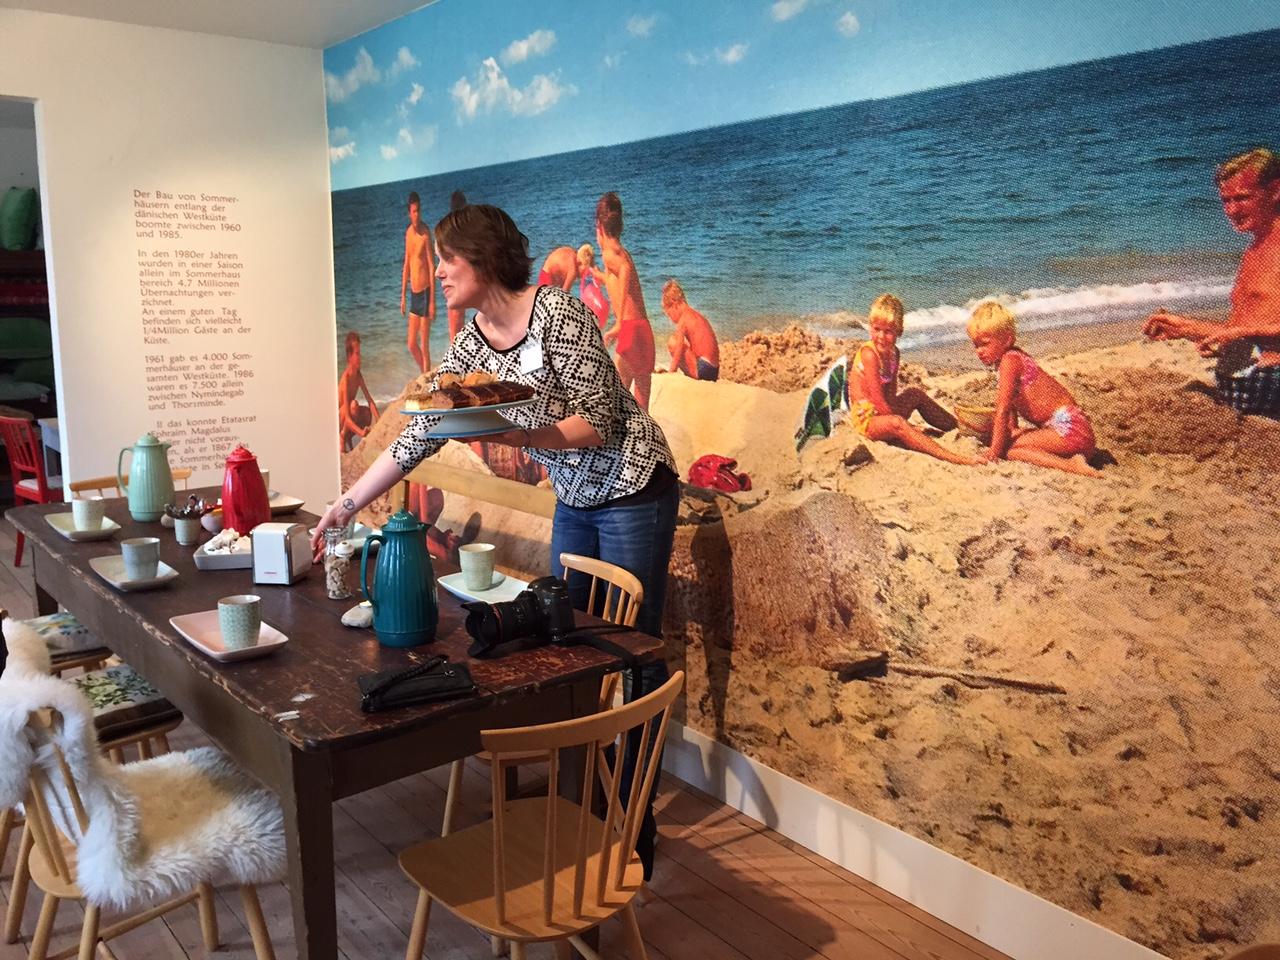 Museumsbutikken har også en kafe. Foto: Odd Roar Lange